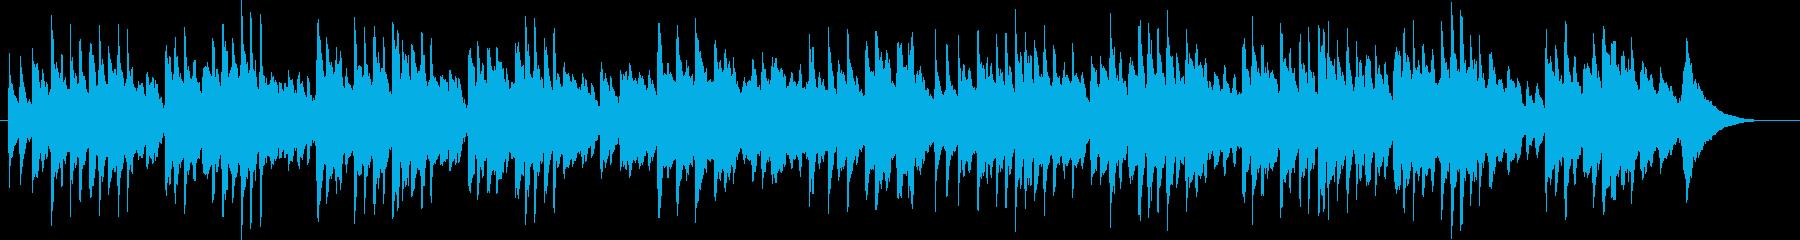 可愛いオルゴール曲の再生済みの波形